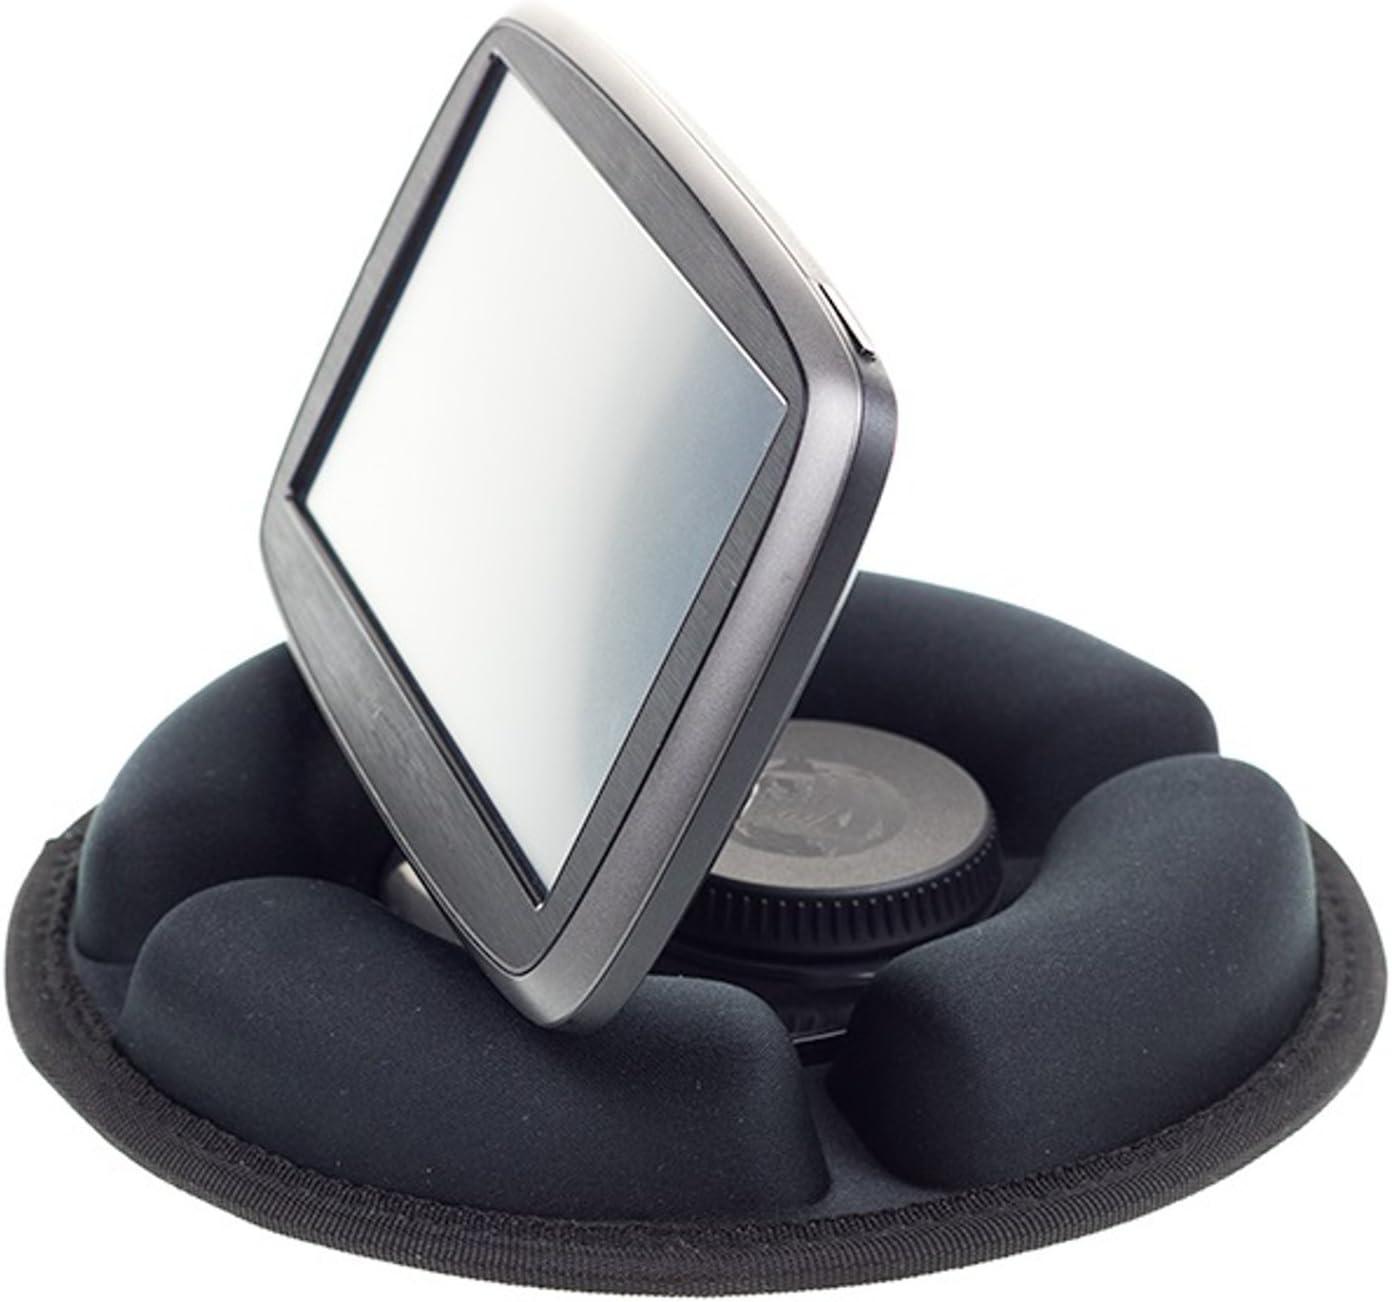 Digicharge® Soporte de para salpicadero para Garmin Tomtom Mio Navman GPS Nextbase Dash CAM Samsung teléfono Inteligente Smart Phone Mobile Action Camera CAM Gopro